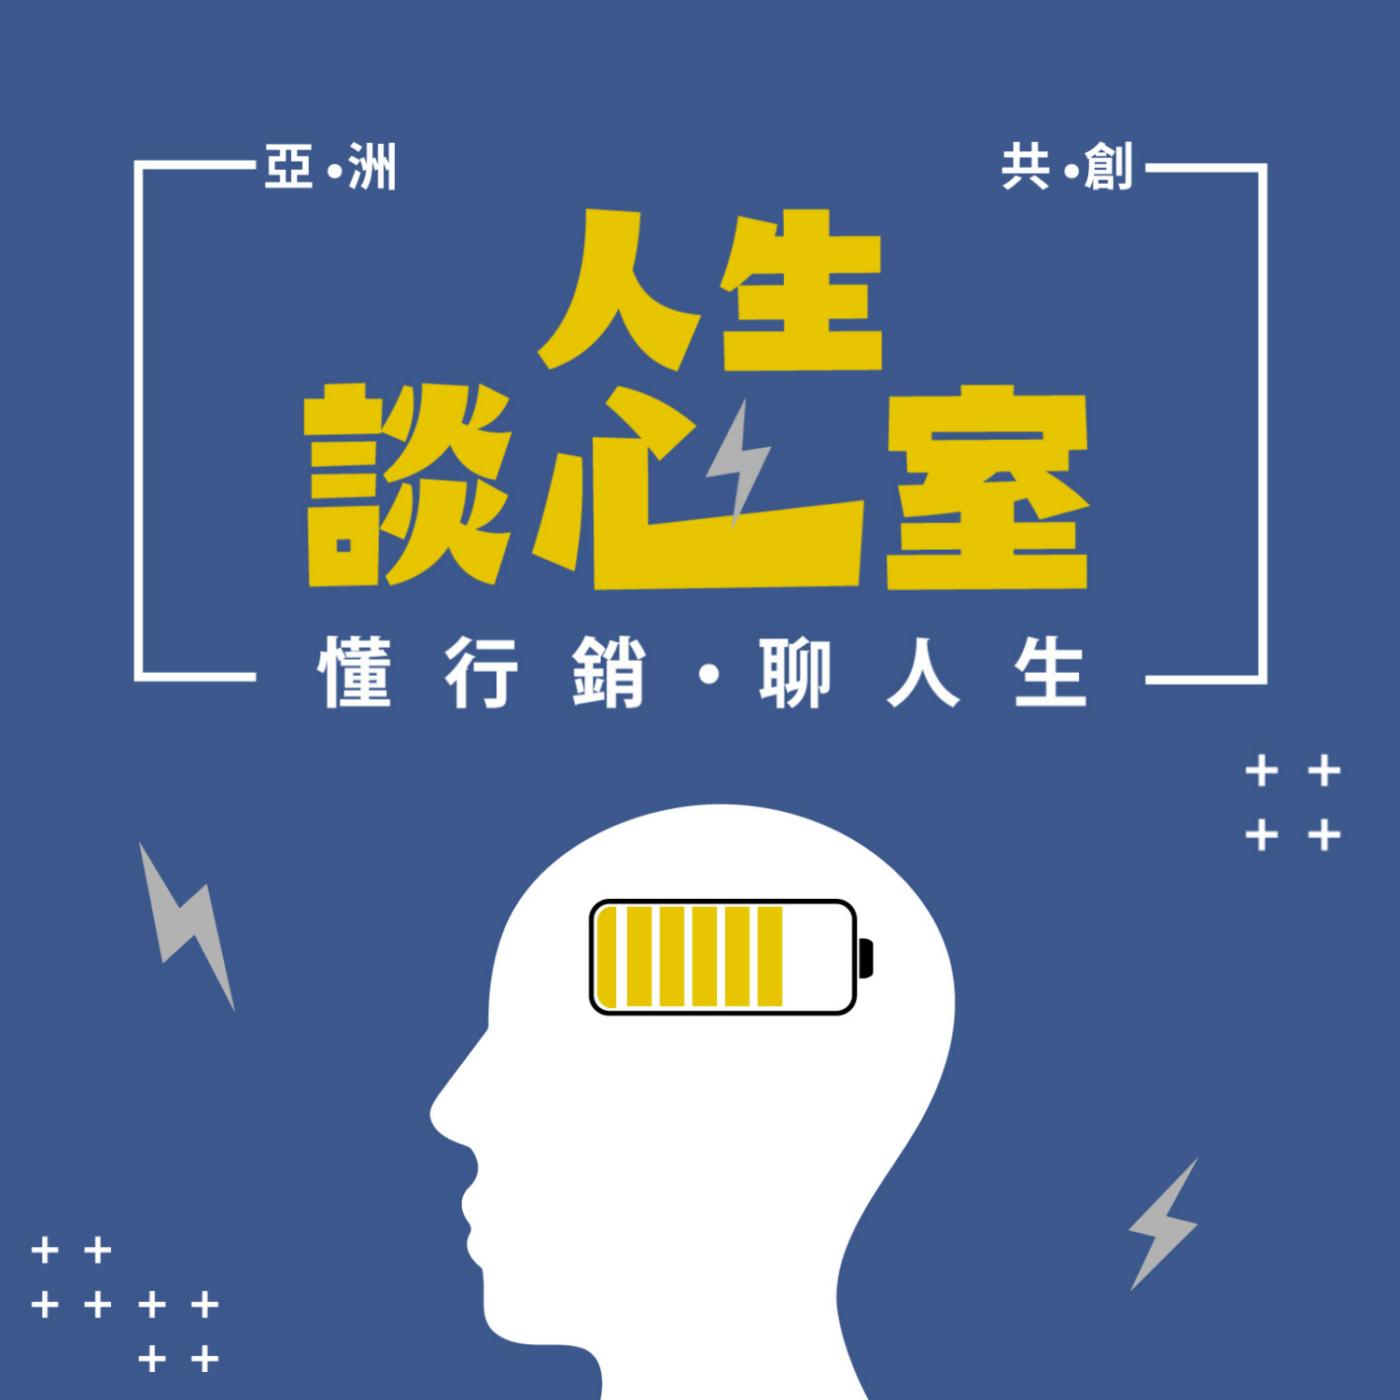 亞洲共創|人生談心室 ➤ 懂行銷 • 聊人生